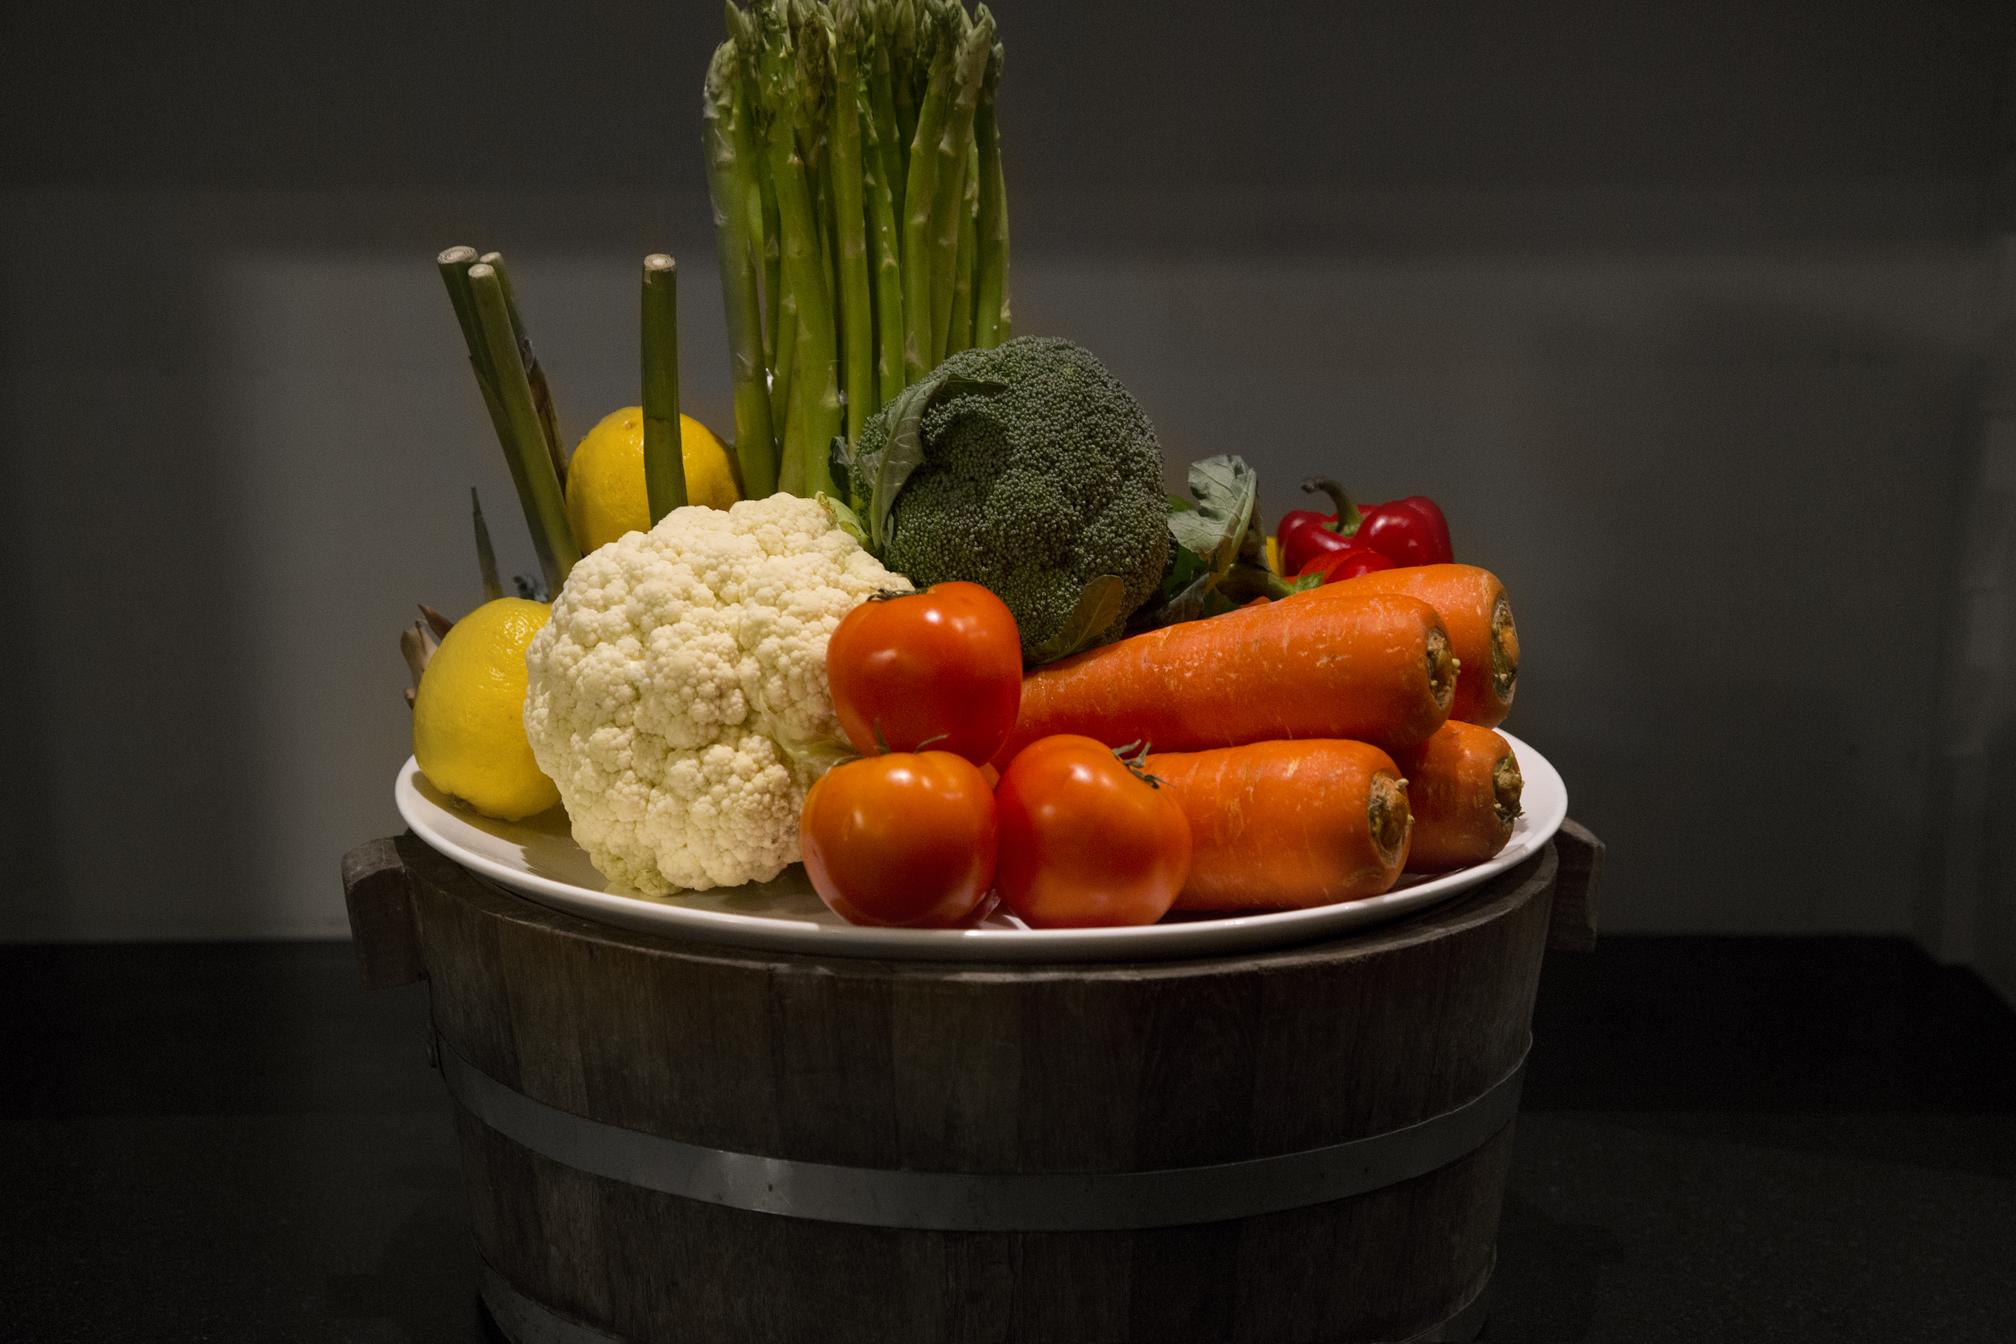 BYD_Food_1.jpg